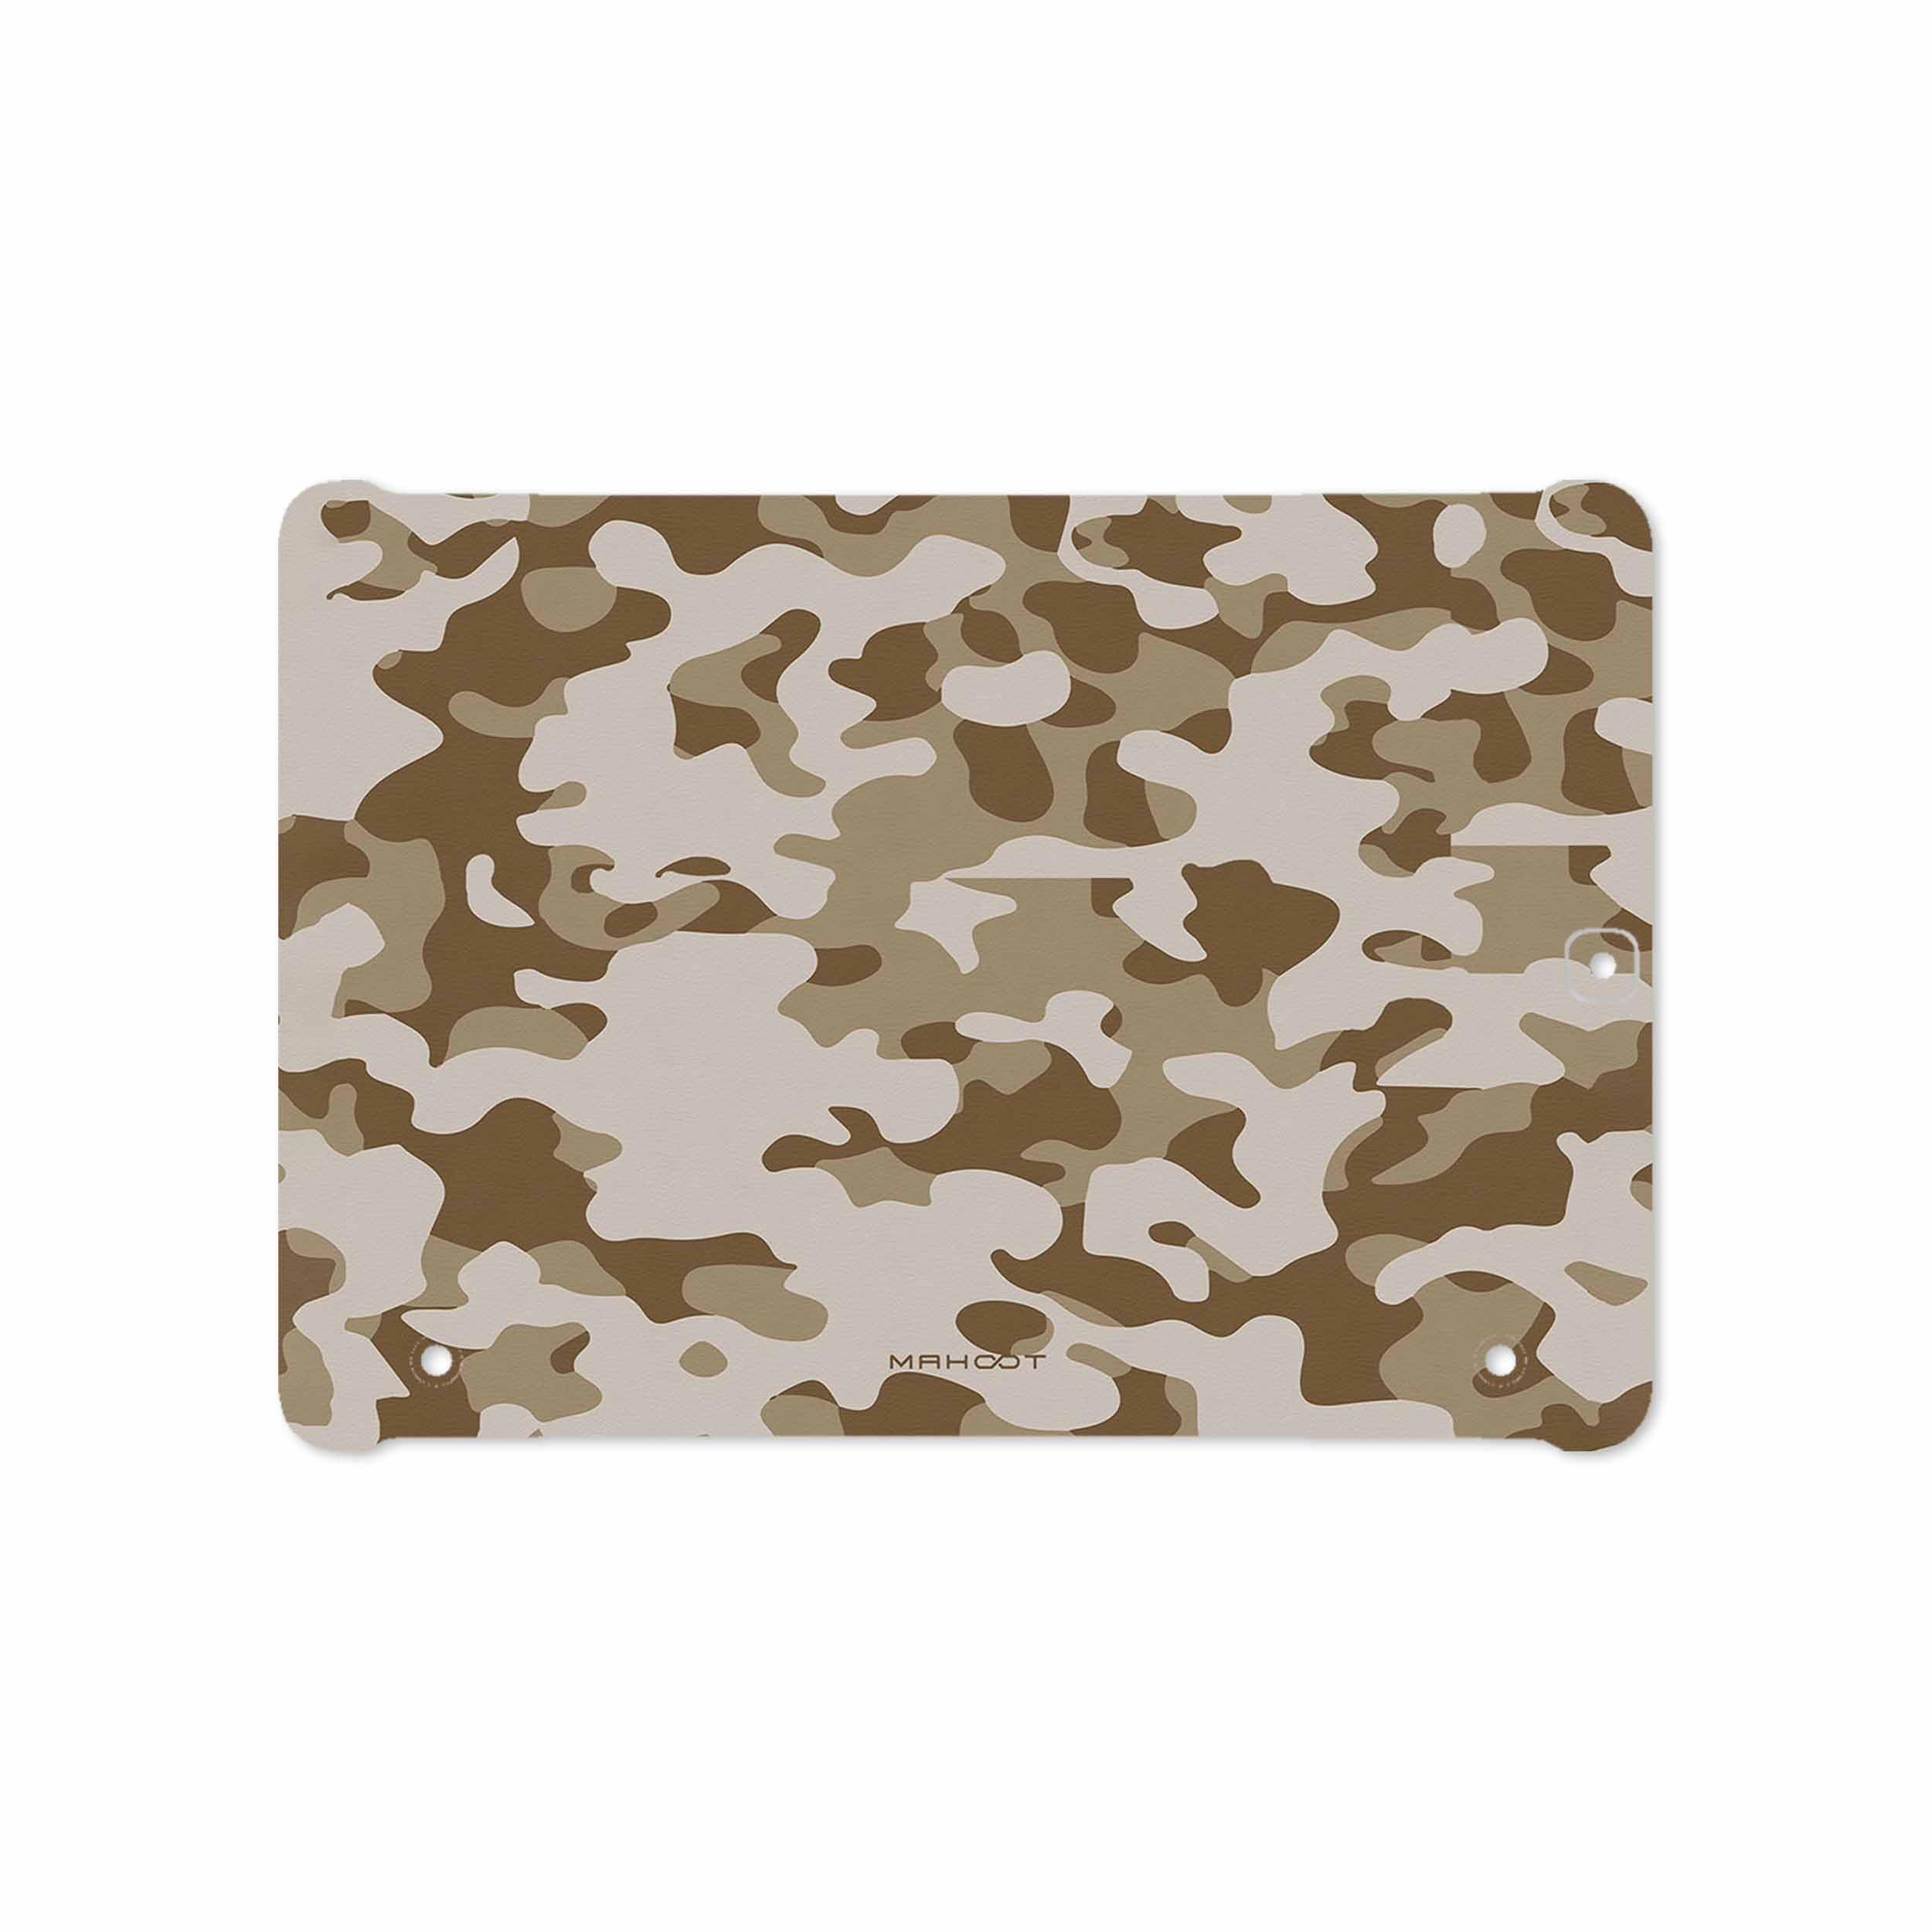 بررسی و خرید [با تخفیف]                                     برچسب پوششی ماهوت مدل Army-Desert مناسب برای تبلت سامسونگ Galaxy Tab S2 9.7 2015 T810                             اورجینال